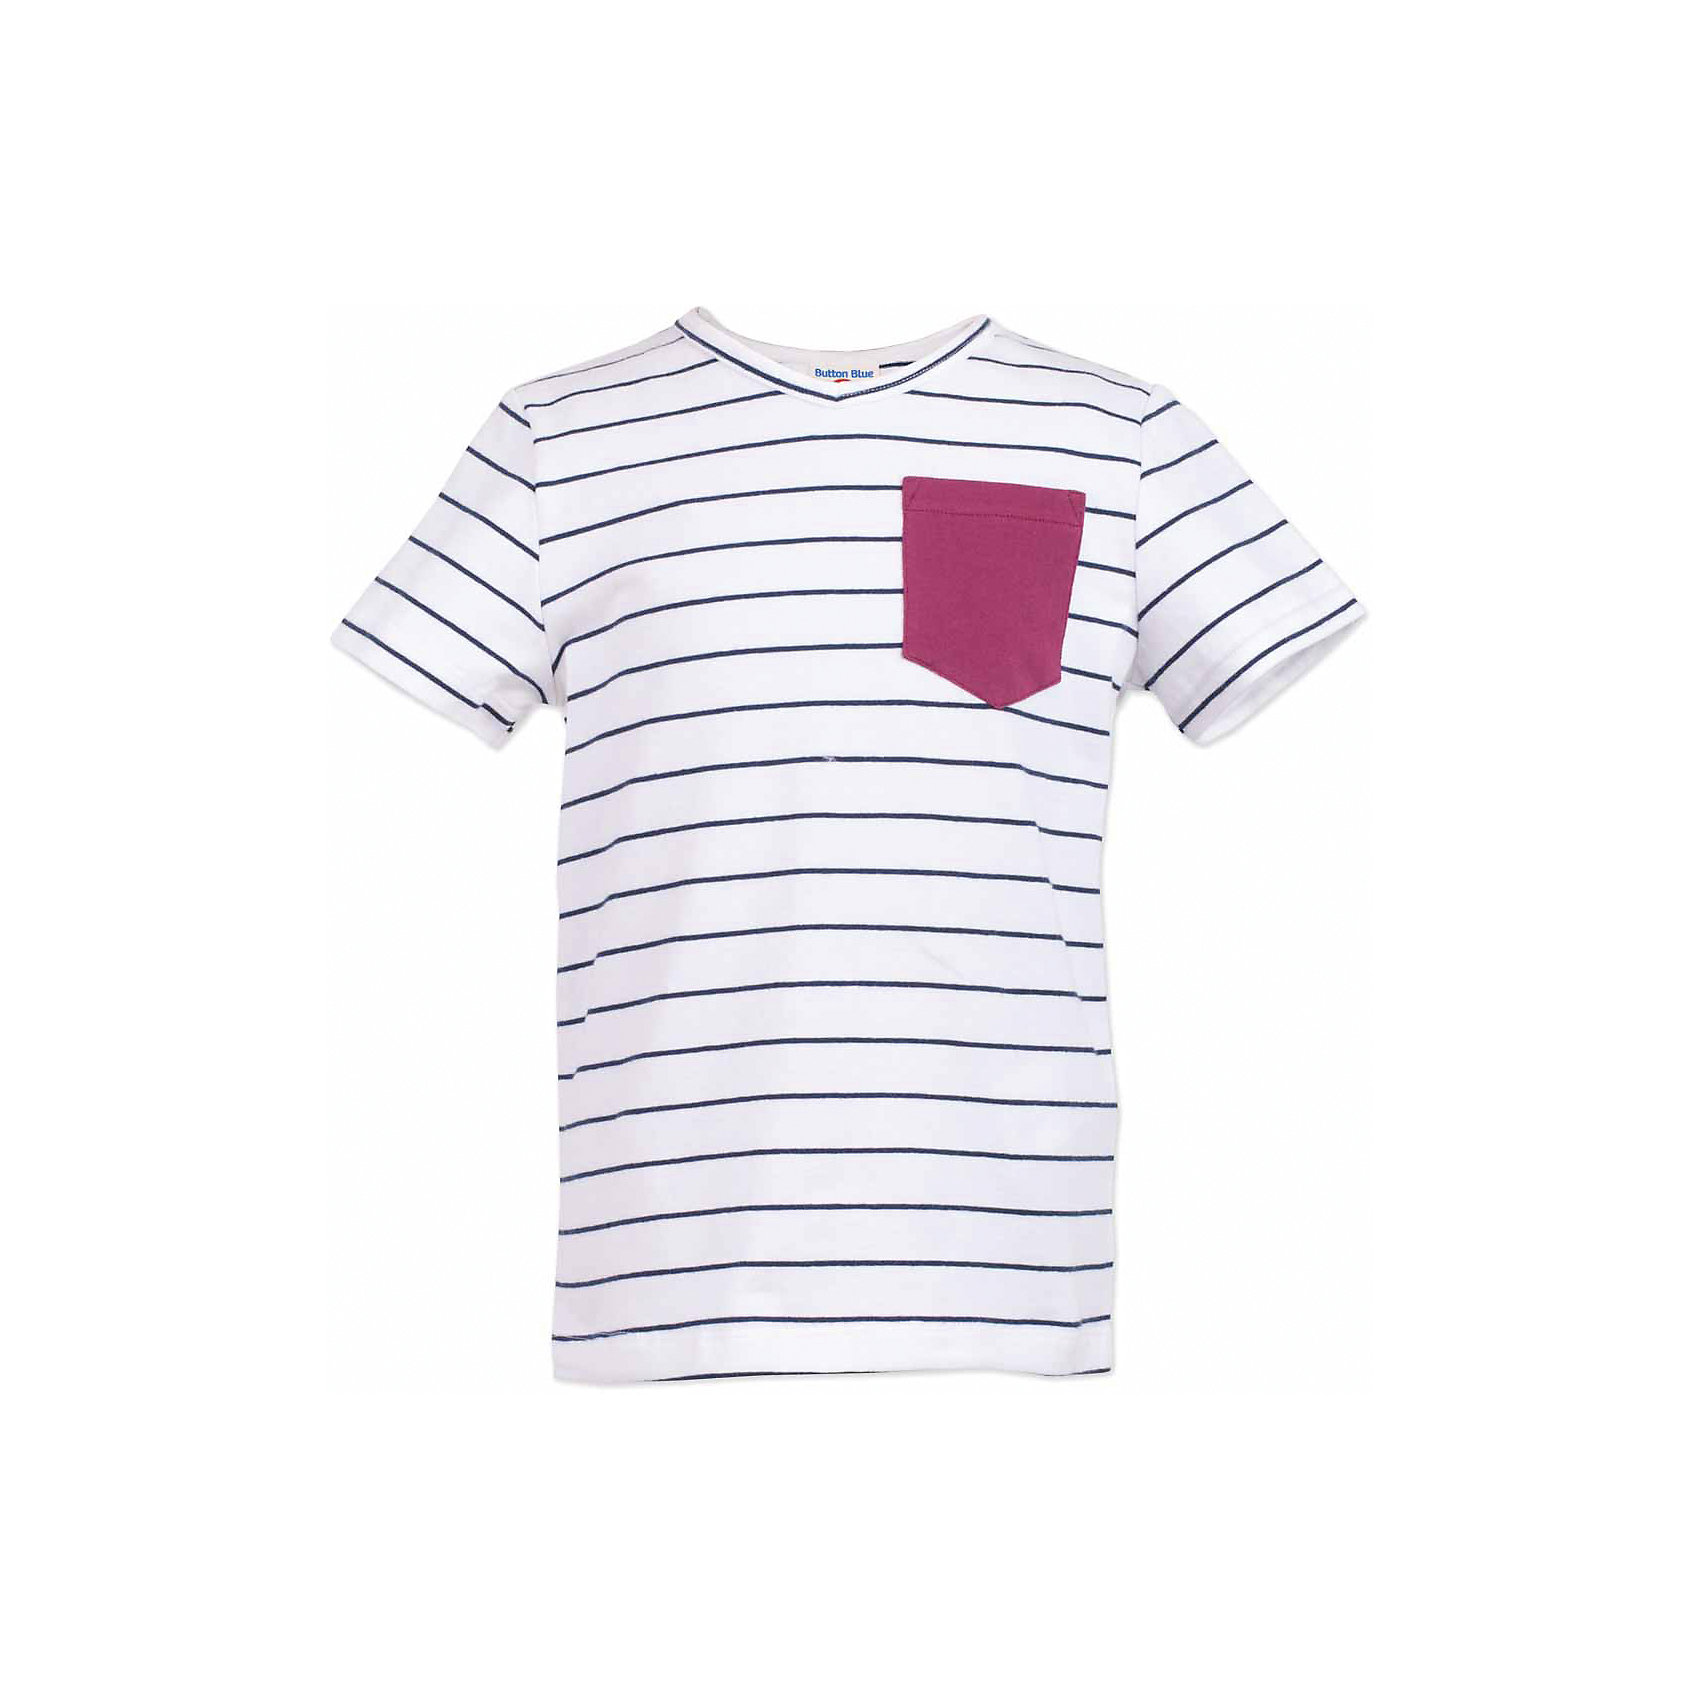 Футболка для мальчика  BUTTON BLUEФутболки, поло и топы<br>Футболка для мальчика  BUTTON BLUE<br>Белая футболка в полоску - не только базовая вещь в гардеробе ребенка, но и основа модного летнего образа! Если вы решили купить недорогую футболку для мальчика, выберете футболку от Button Blue с V-образной горловиной и контрастным карманом. Маленькая яркая деталь - изюминка модели, создающая настроение! Низкая цена изделия не окажет влияния на бюджет семьи, позволив создать интересный гардероб для долгожданных каникул!<br>Состав:<br>95% хлопок 5% эластан<br><br>Ширина мм: 199<br>Глубина мм: 10<br>Высота мм: 161<br>Вес г: 151<br>Цвет: белый<br>Возраст от месяцев: 72<br>Возраст до месяцев: 84<br>Пол: Мужской<br>Возраст: Детский<br>Размер: 122,116,110,104,98,158,152,146,140,134,128<br>SKU: 5524163